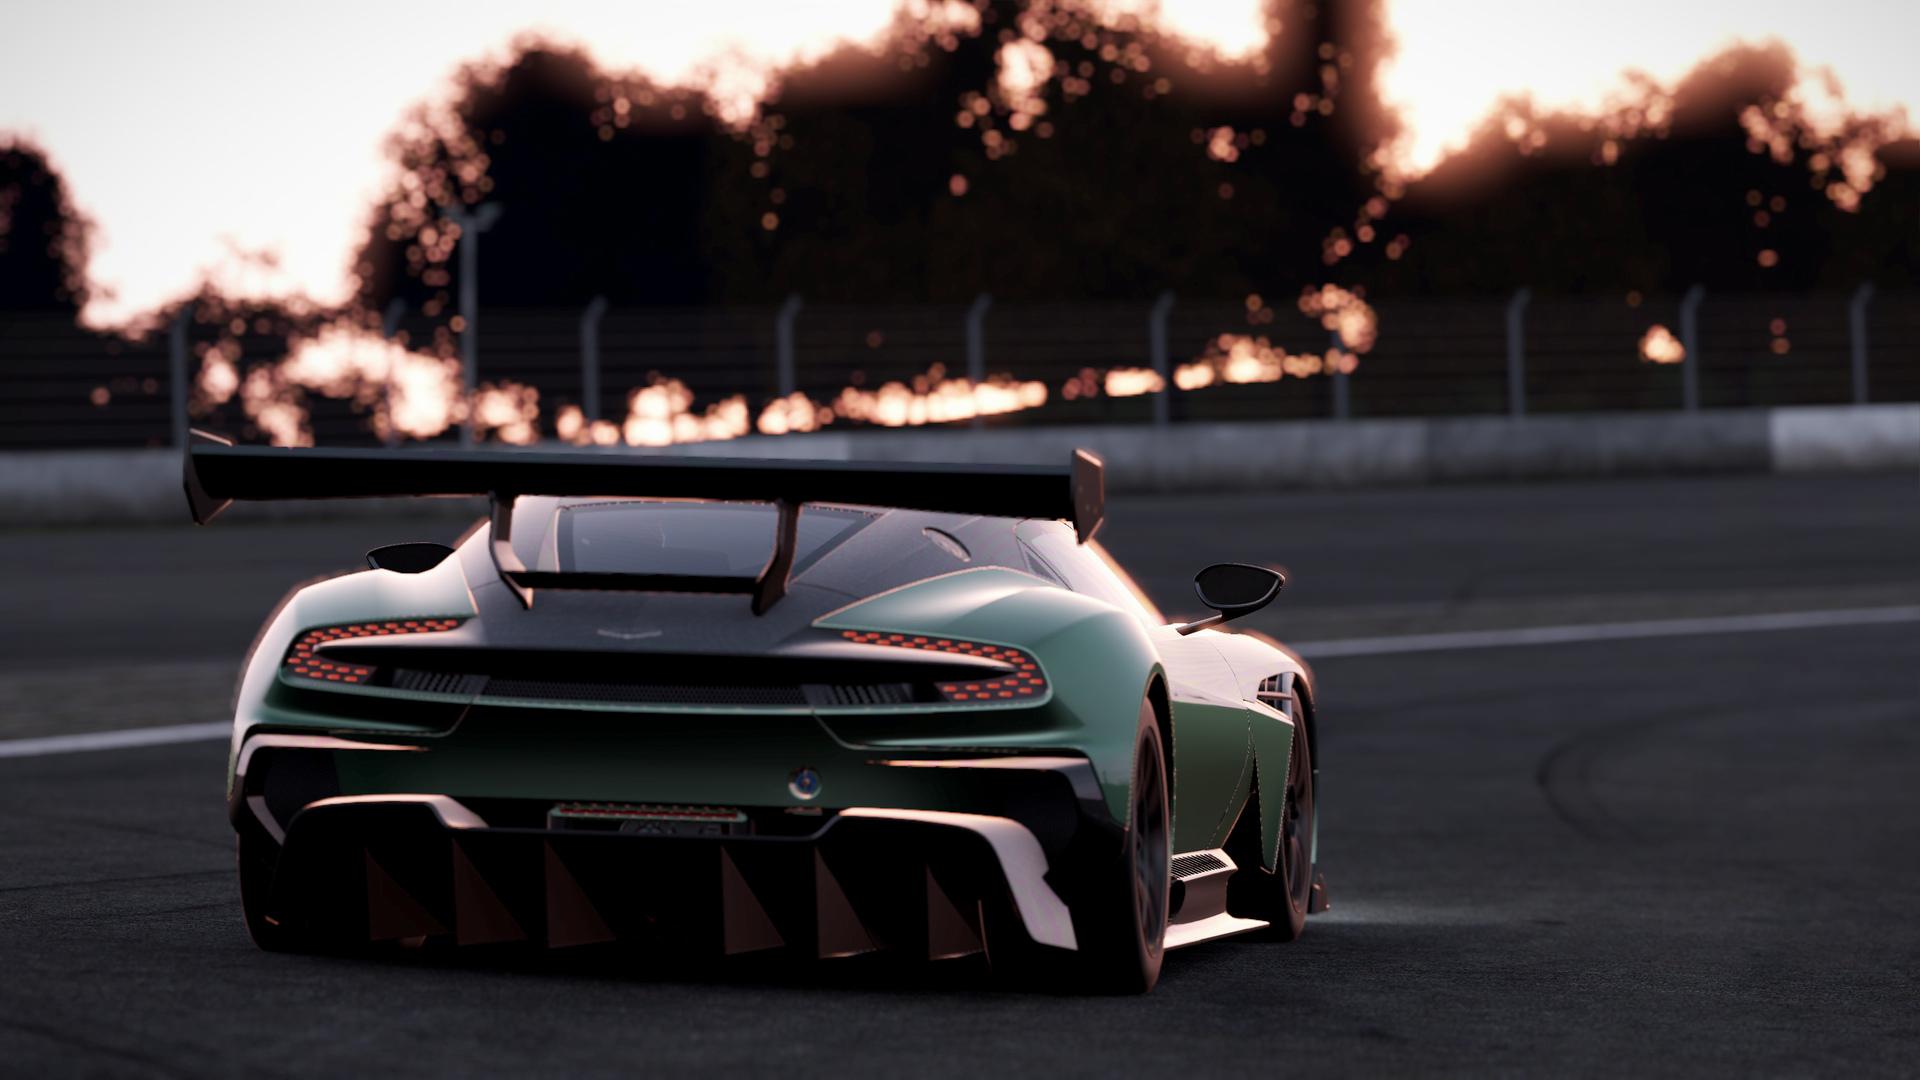 Obrazem: Nové vozy v Project Cars 2 138739